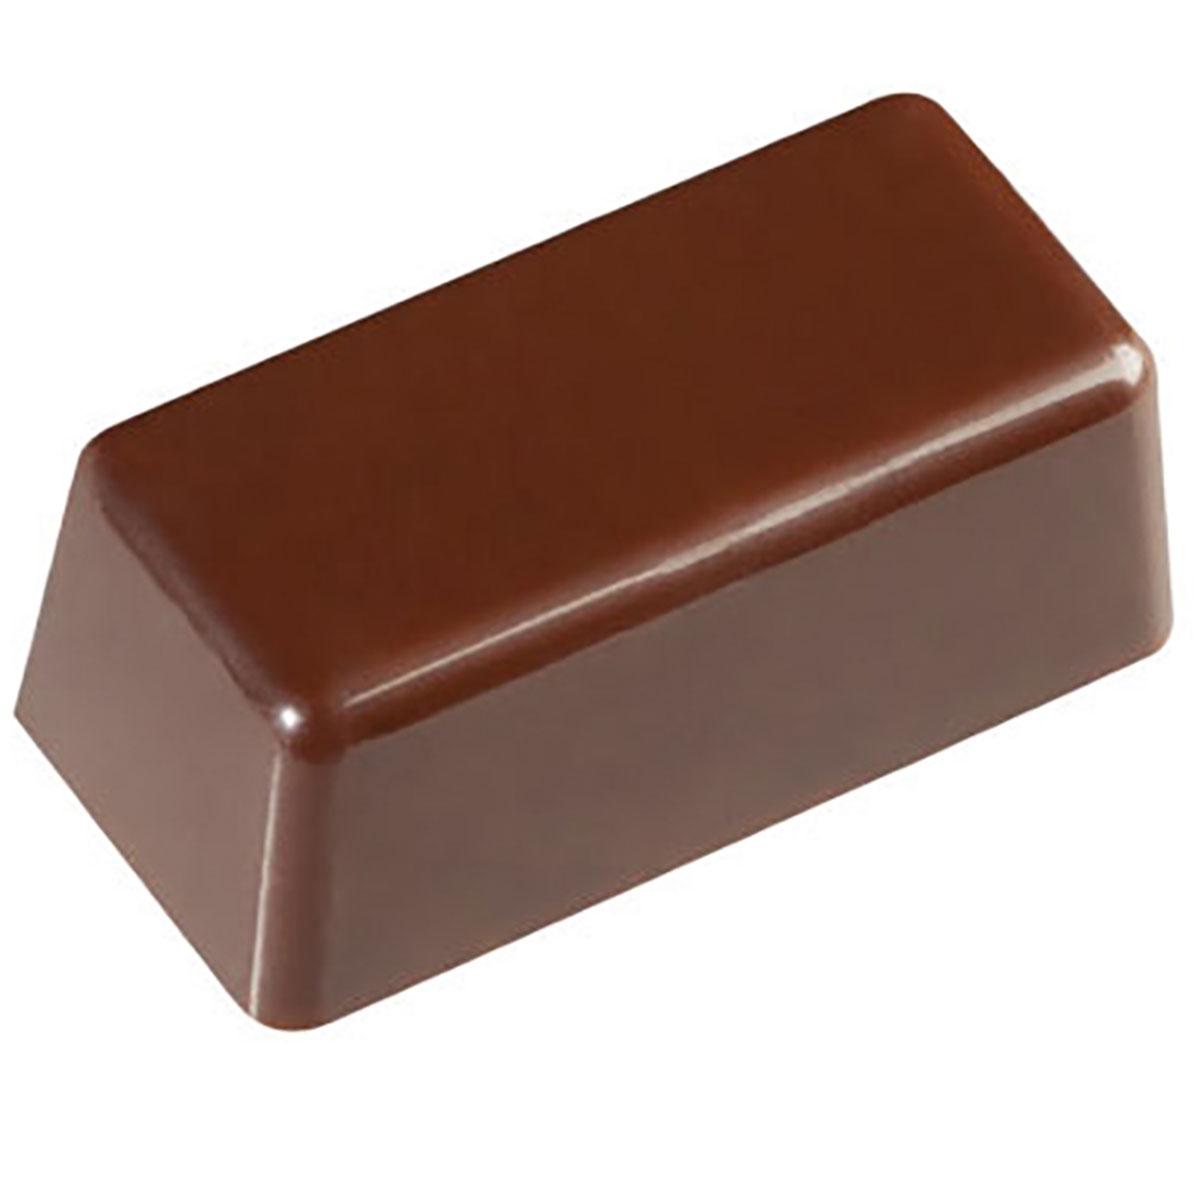 Image of   H. W. Larsen chokoladeform - Pavoni - Model 8SP1156